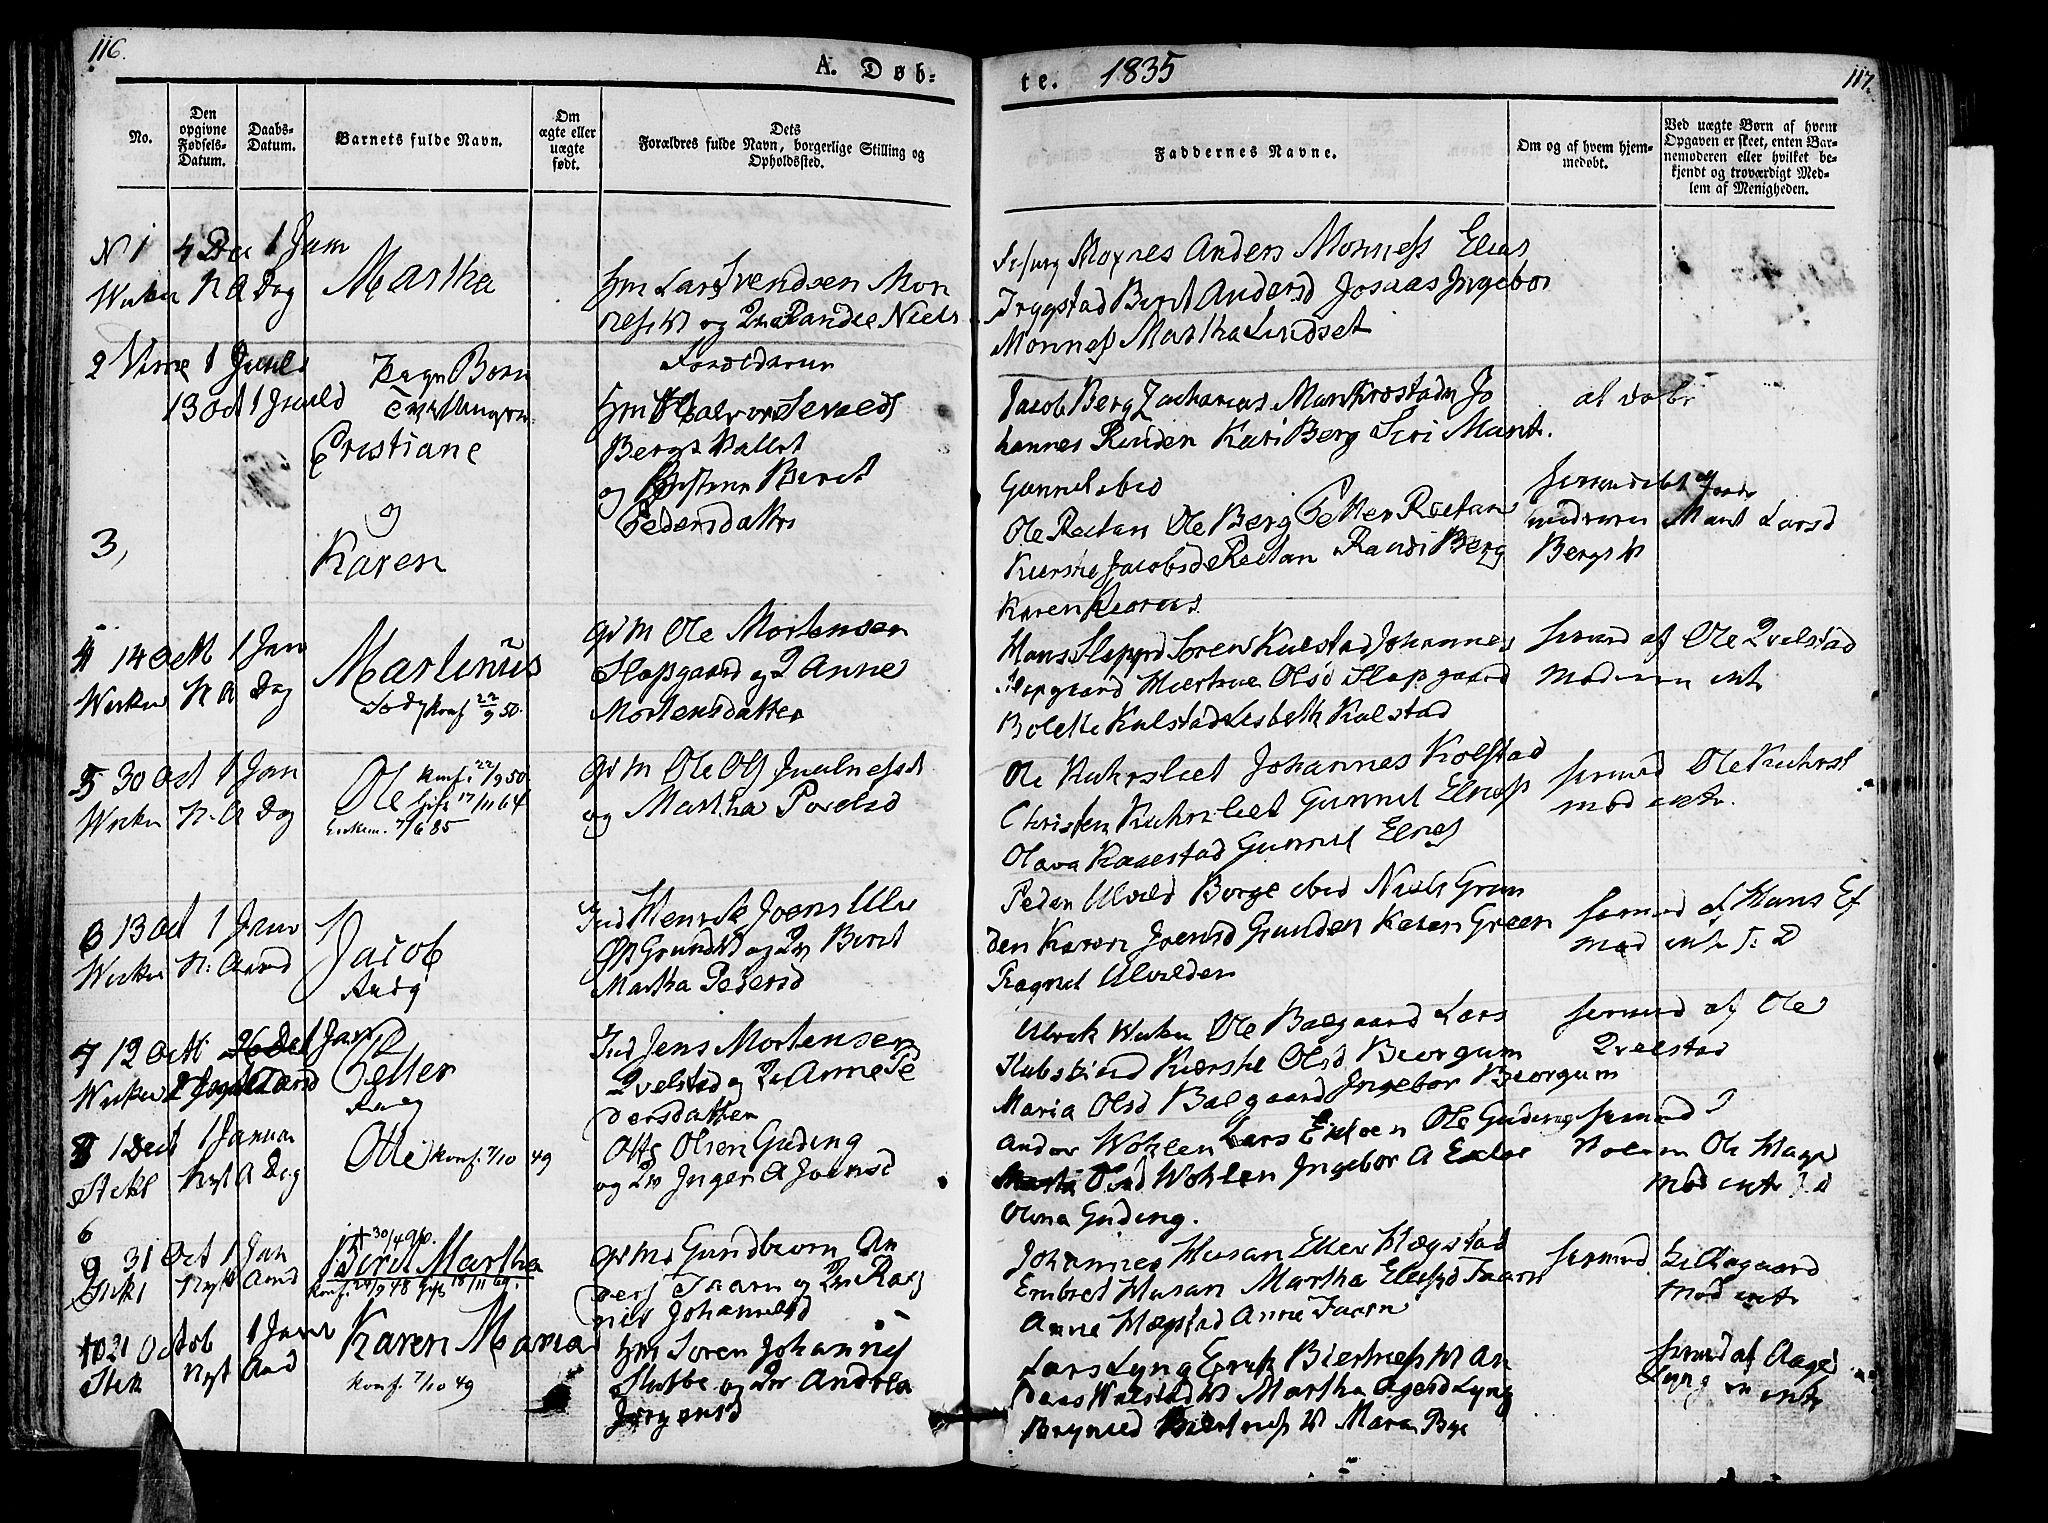 SAT, Ministerialprotokoller, klokkerbøker og fødselsregistre - Nord-Trøndelag, 723/L0238: Ministerialbok nr. 723A07, 1831-1840, s. 116-117